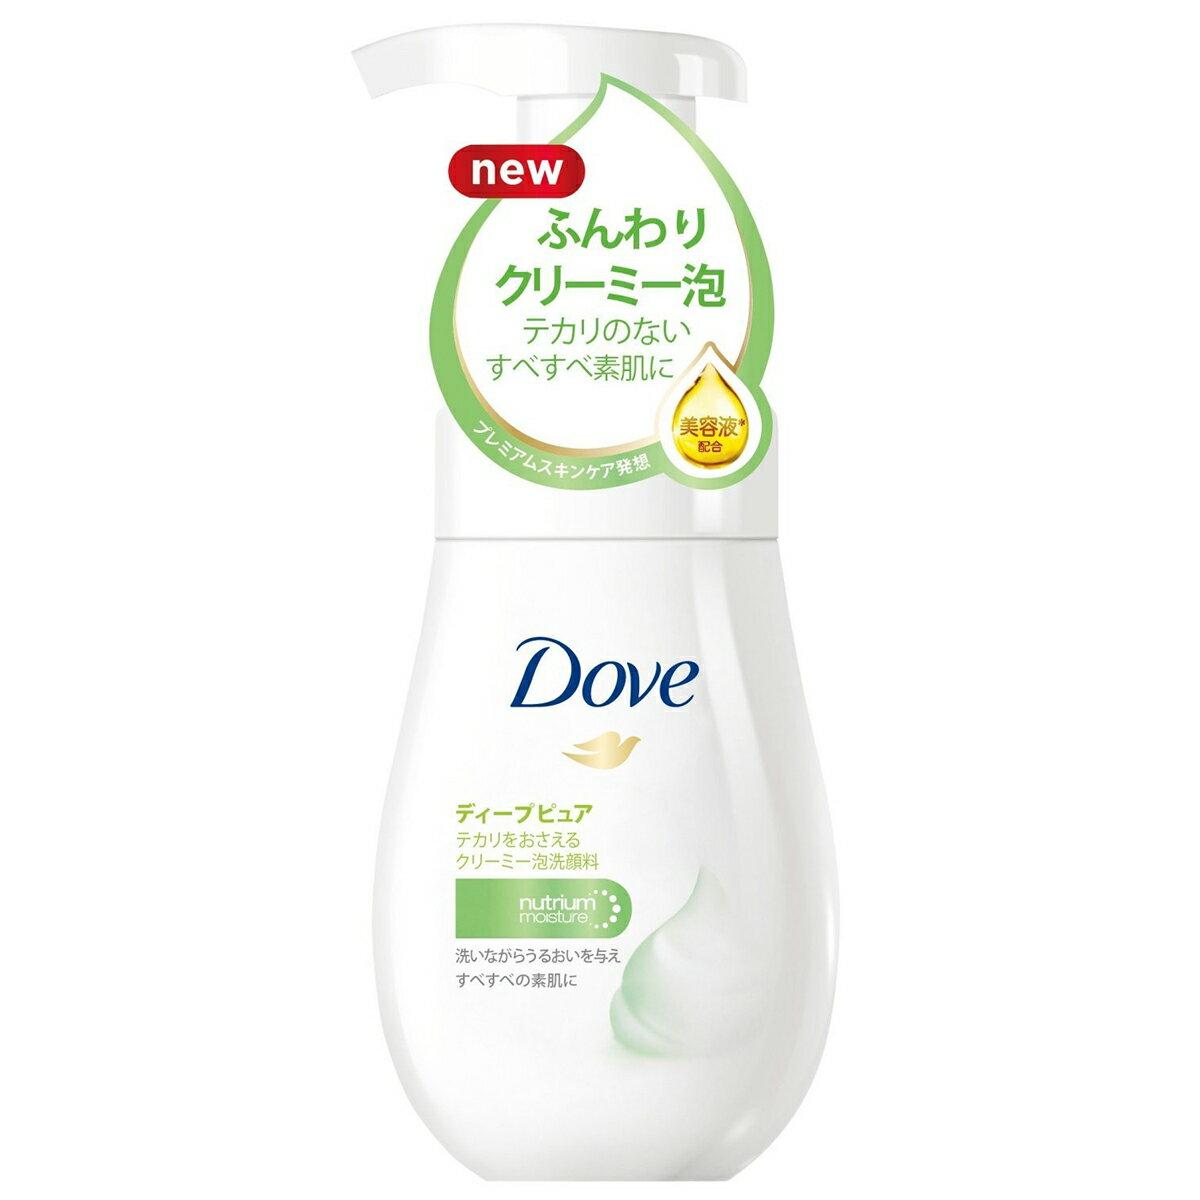 ユニリーバ・ジャパン株式会社Dove(ダヴ) ディープピュア クリーミー泡洗顔料[本体ポンプ]160ml<テカリをおさえる><みずみずしいフローラルの香り>(この商品は注文後のキャンセルができません)【ドラッグピュア楽天市場店】